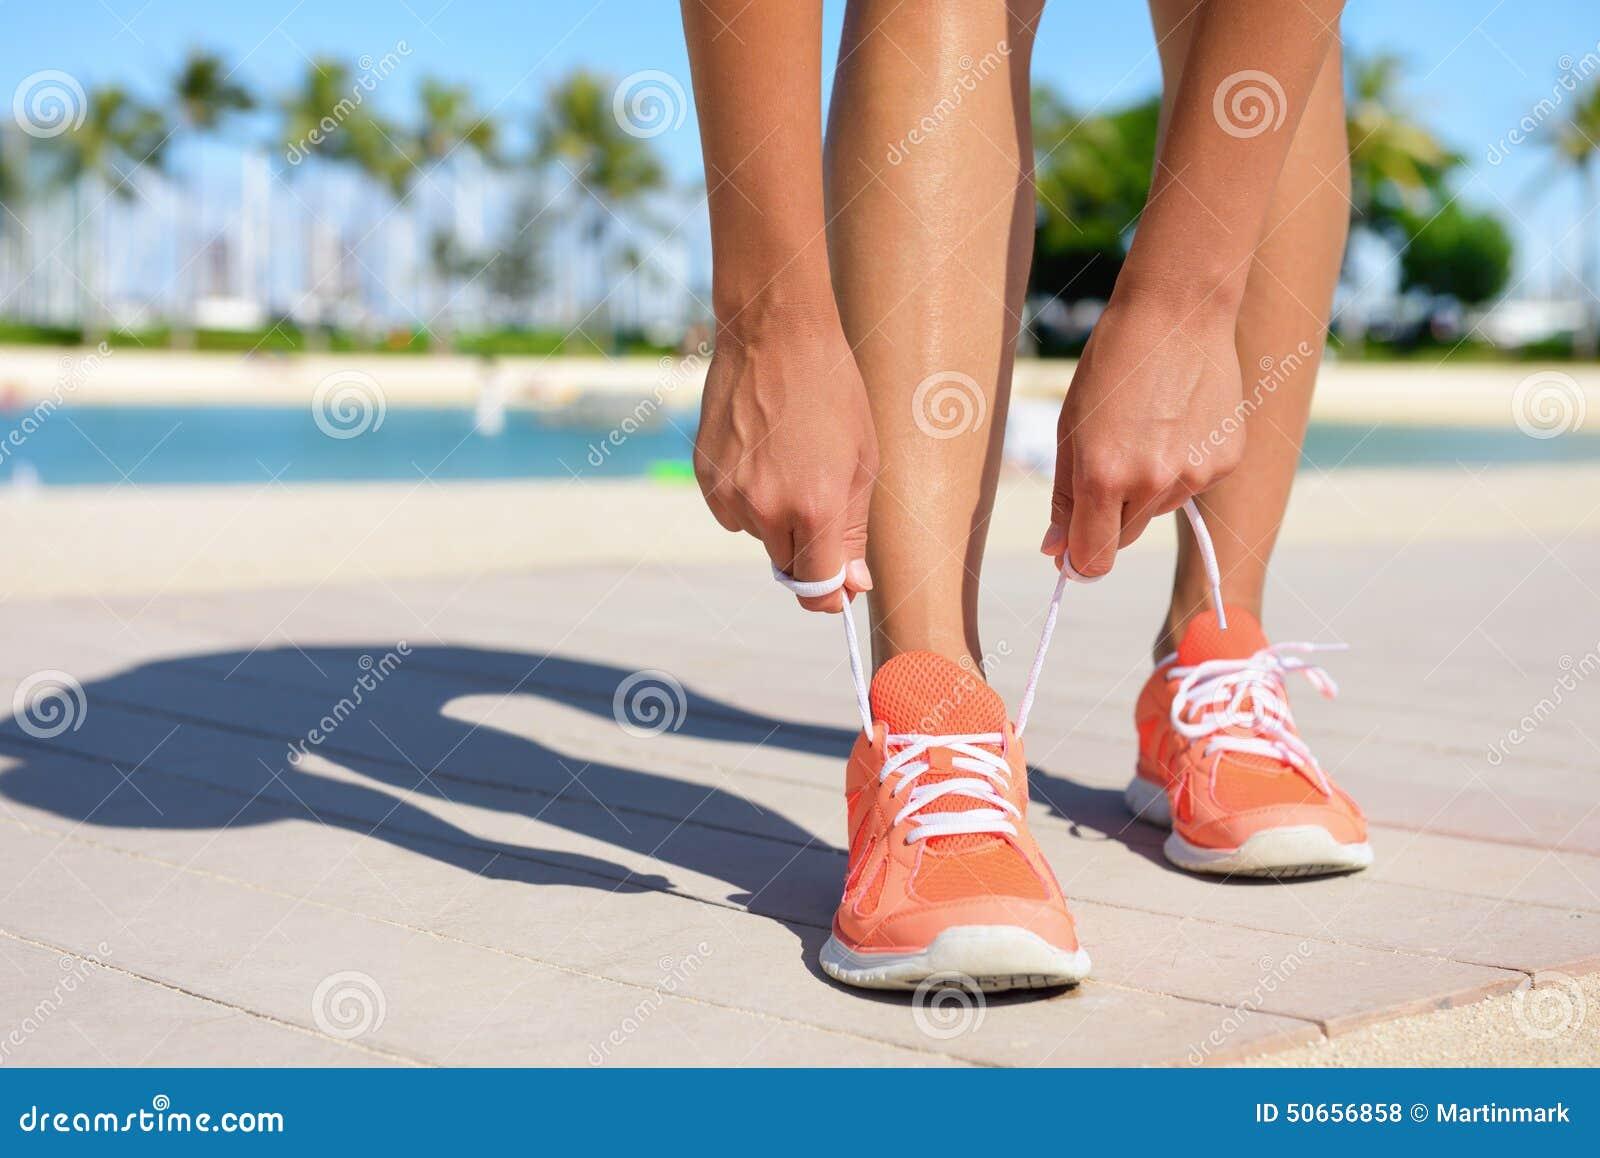 Sportfitness het lopende concept van de Oefeningslevensstijl